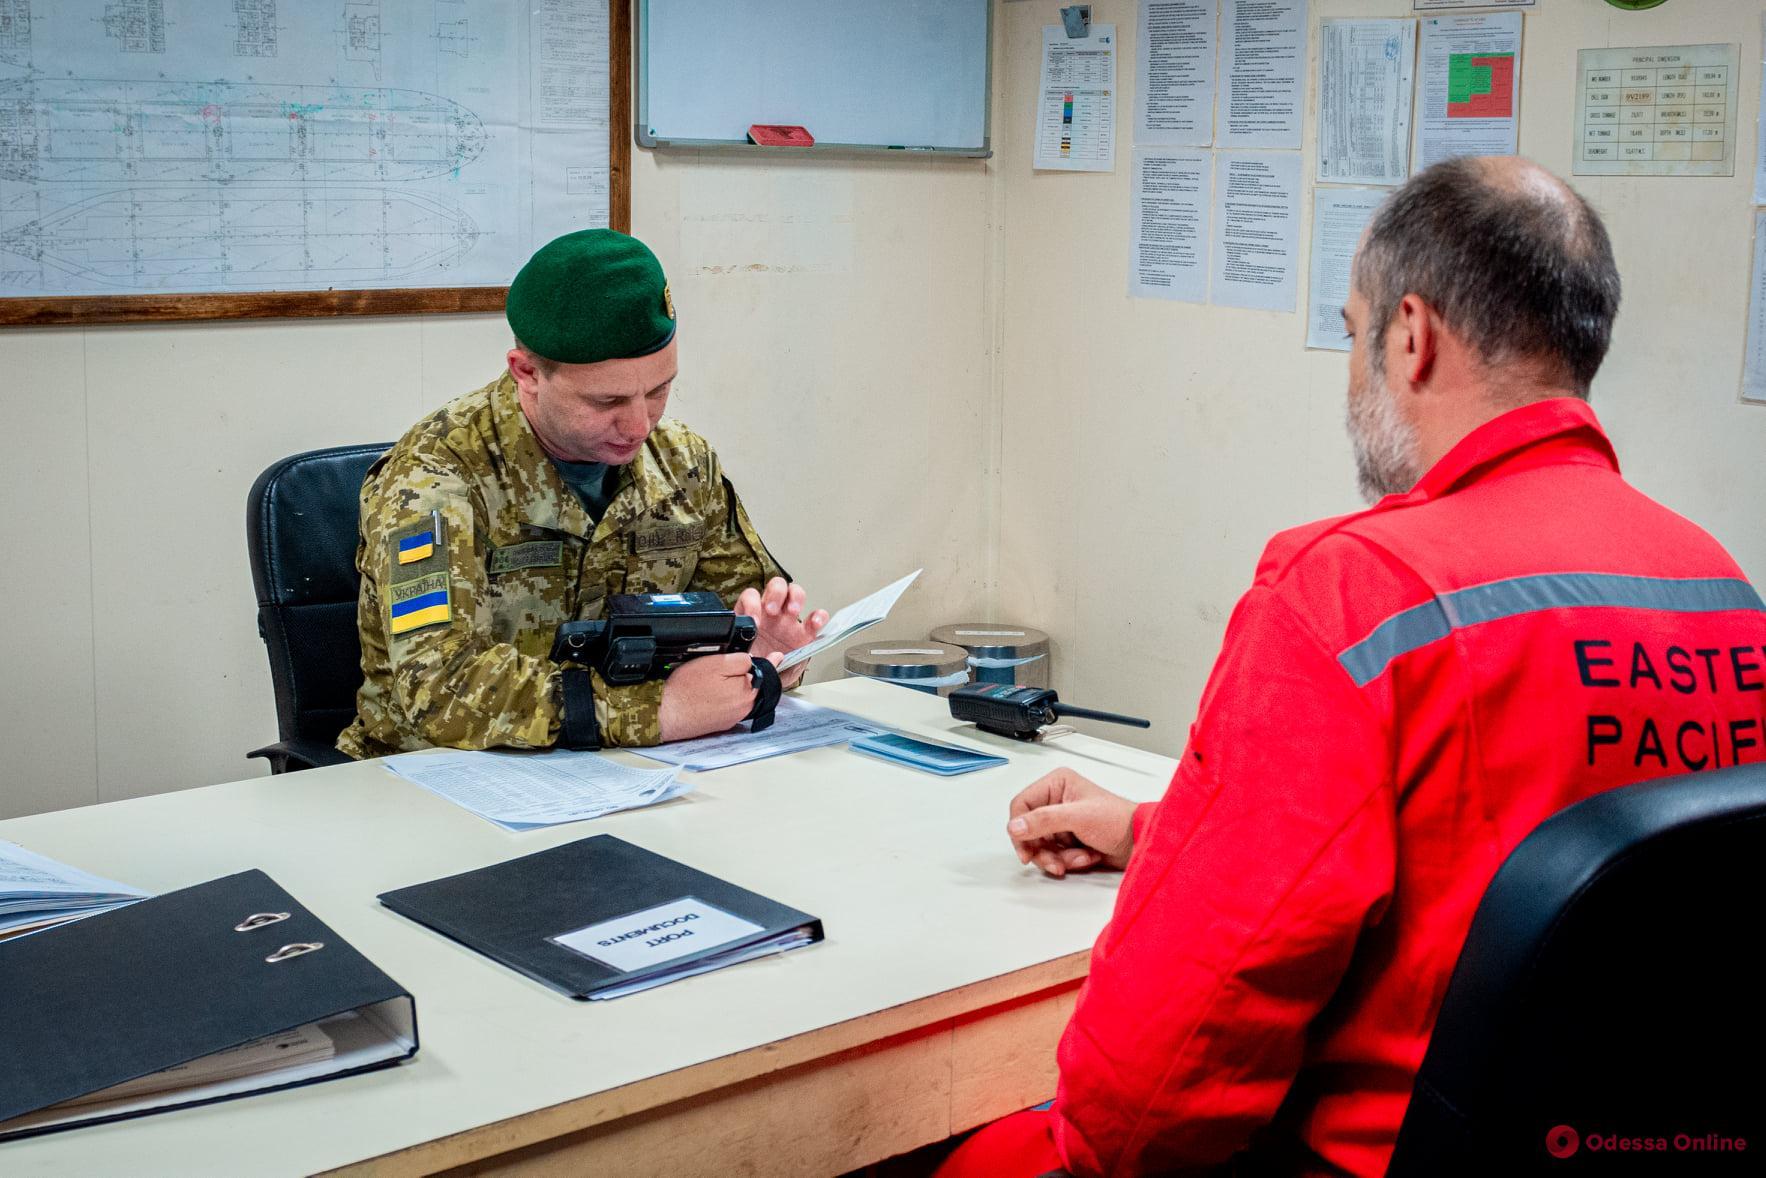 Одесская область: двенадцати российским морякам запретили въезд в Украину